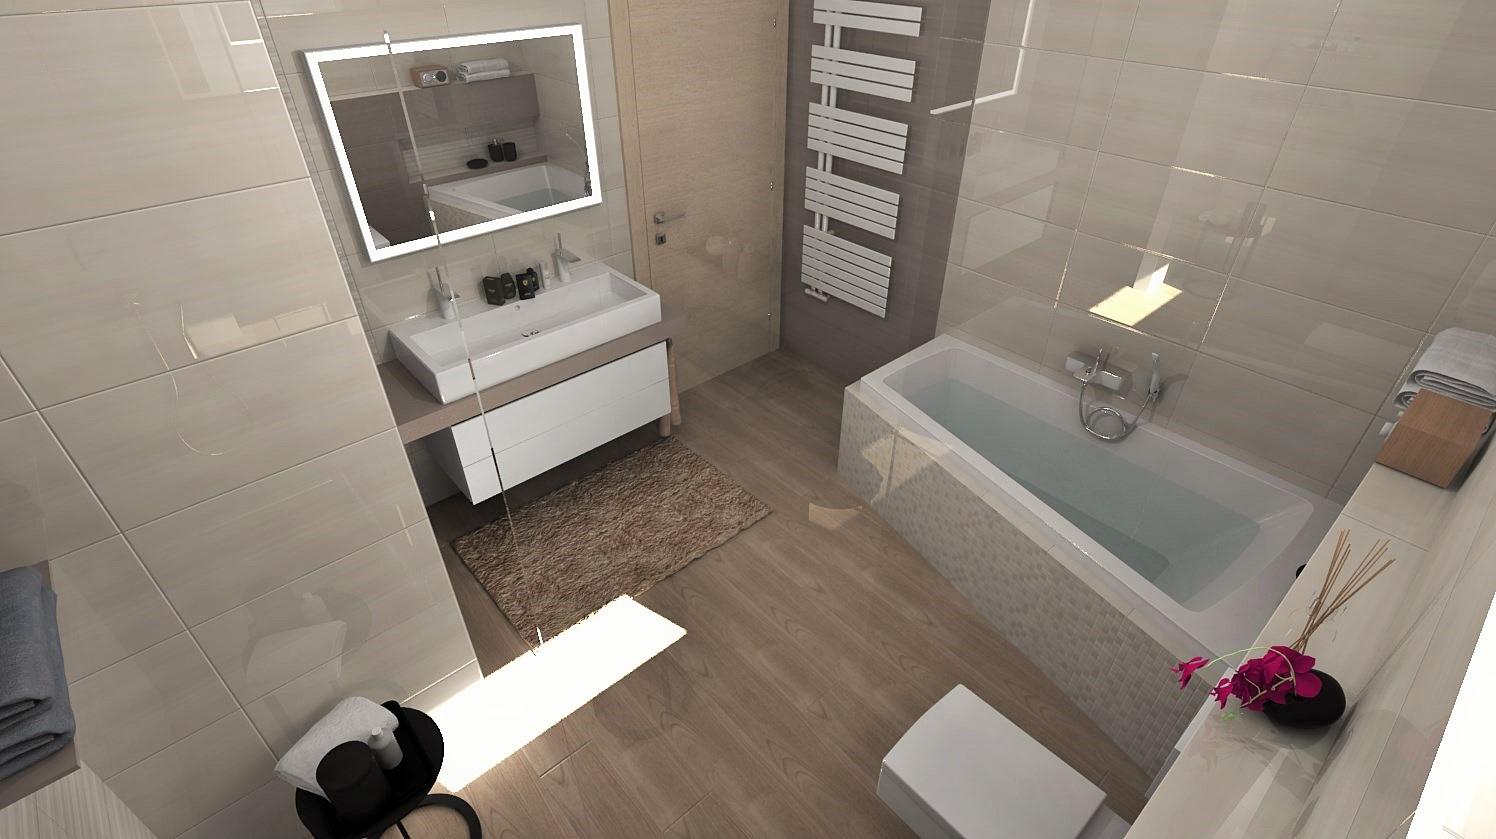 Návrhy a vizualizácie kúpeľní - Obrázok č. 98